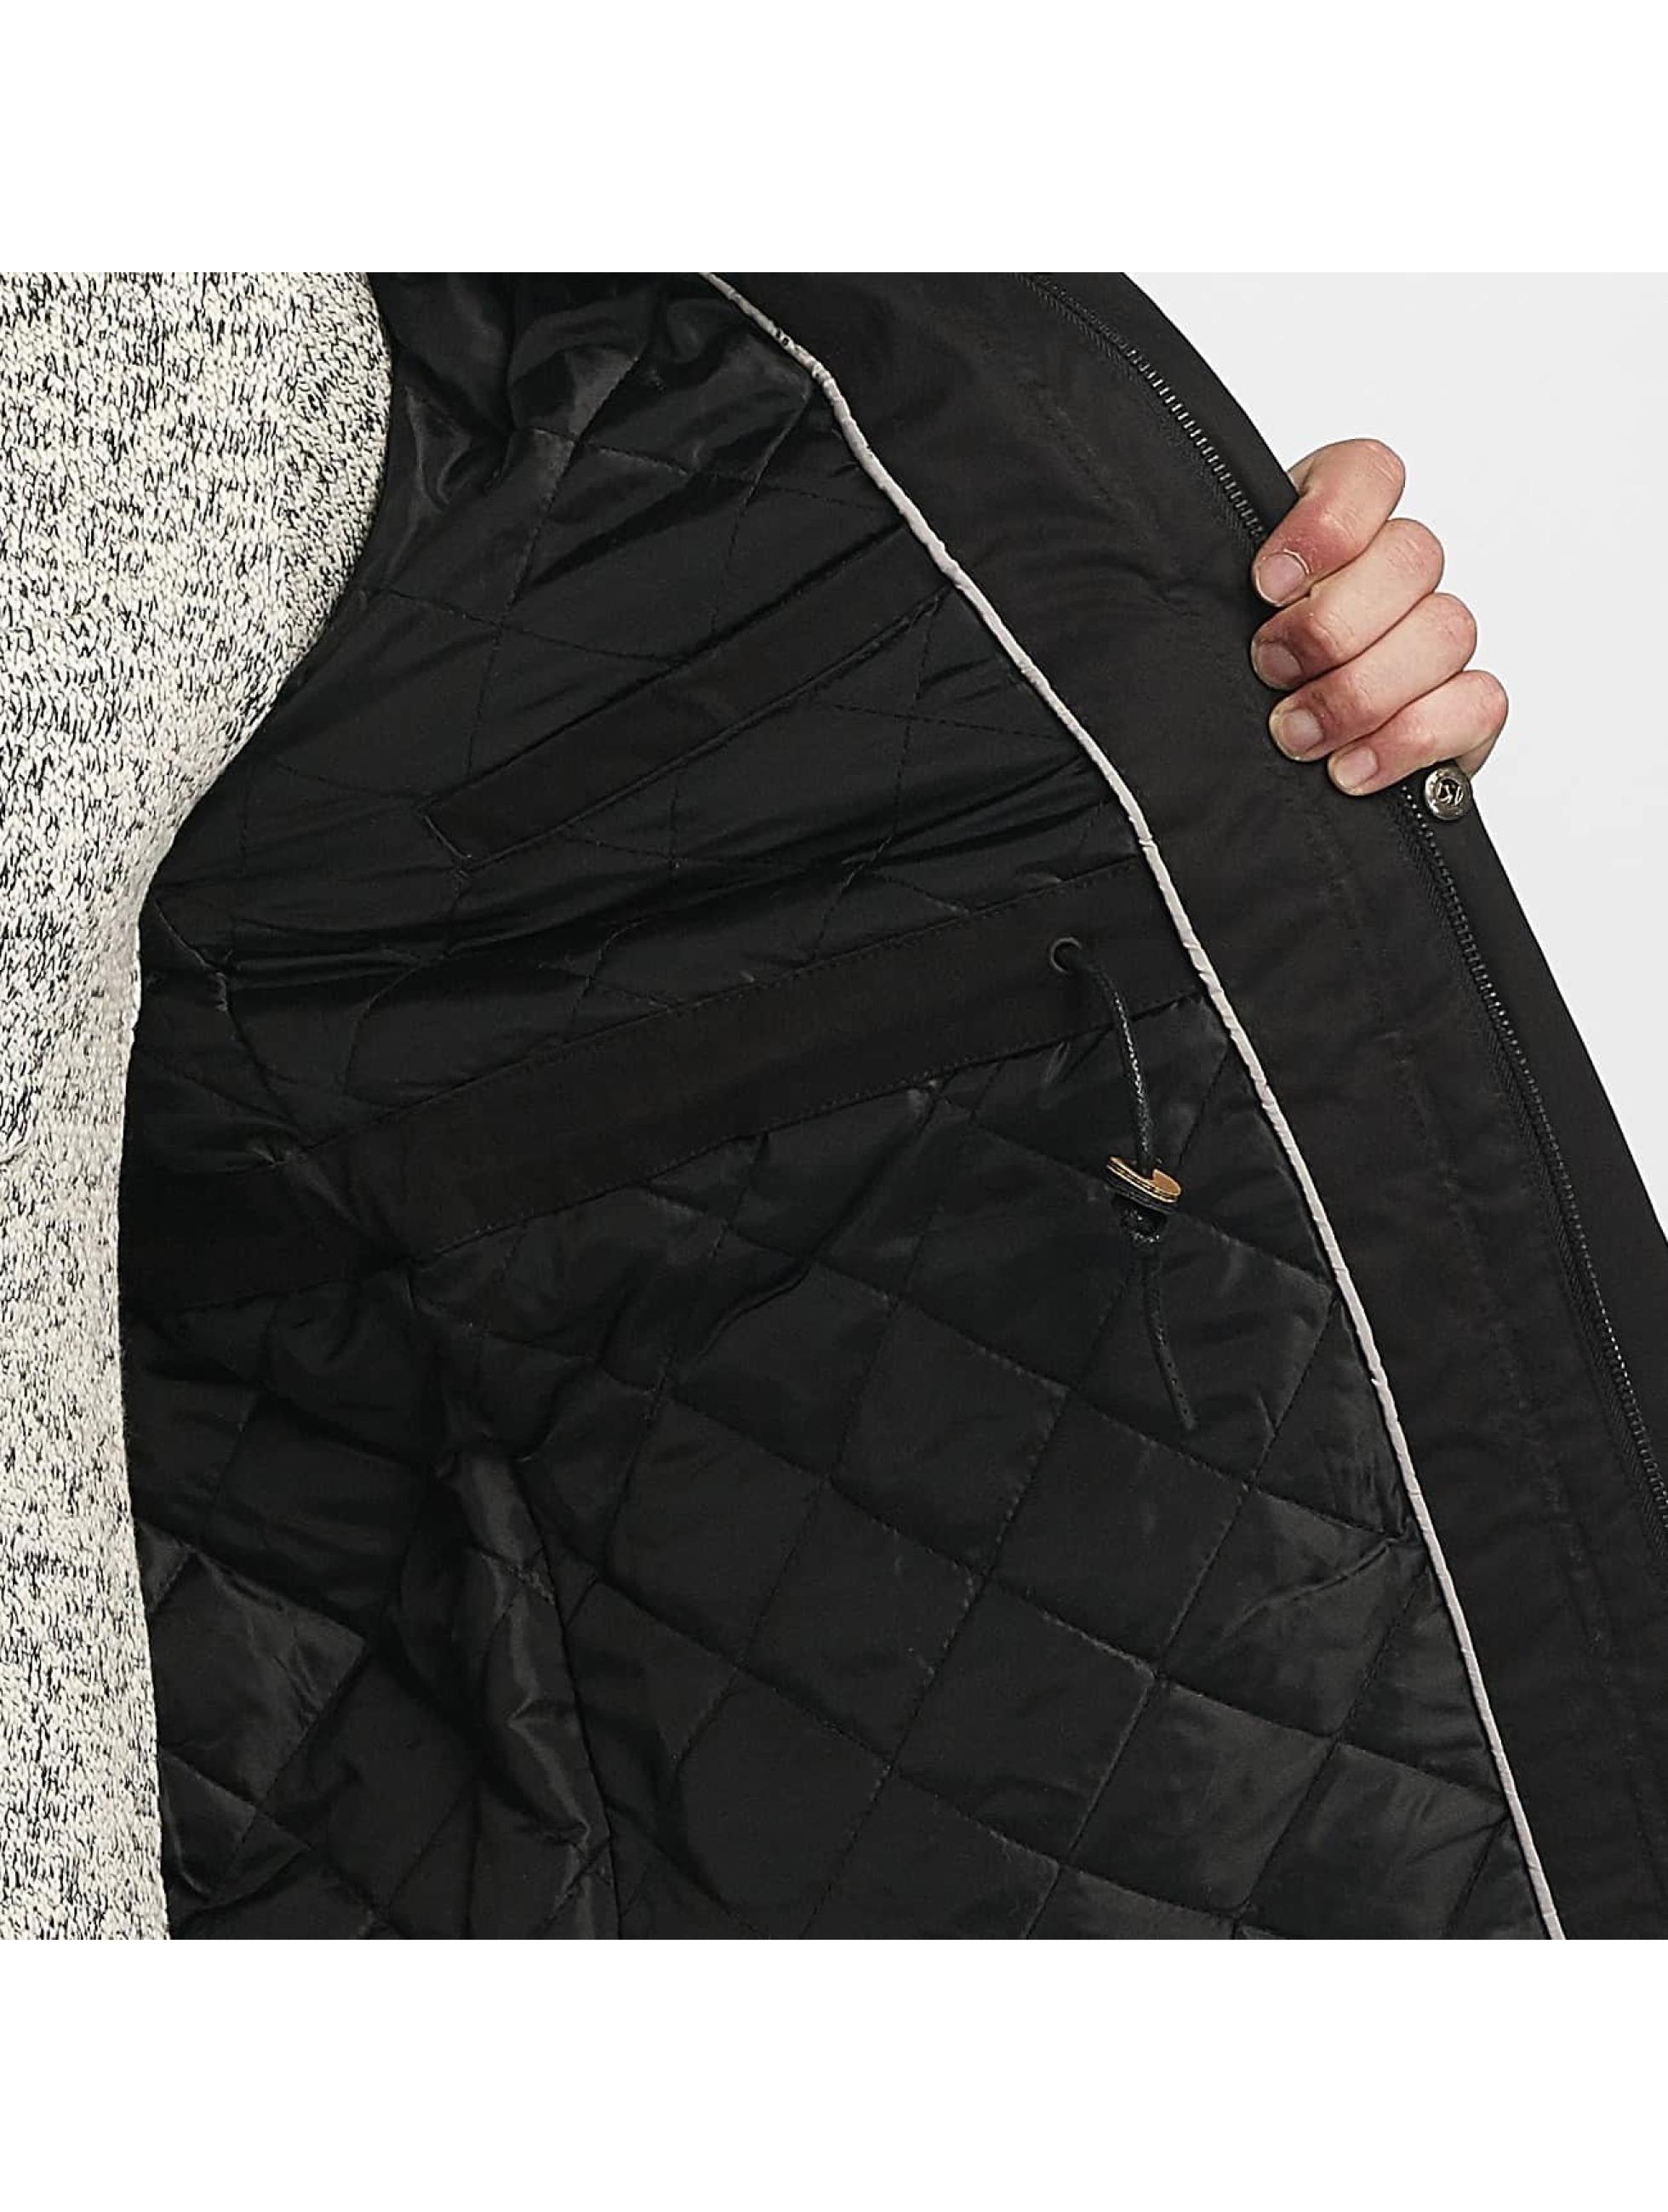 Brave Soul winterjas Brave Soul Winter Jacket zwart